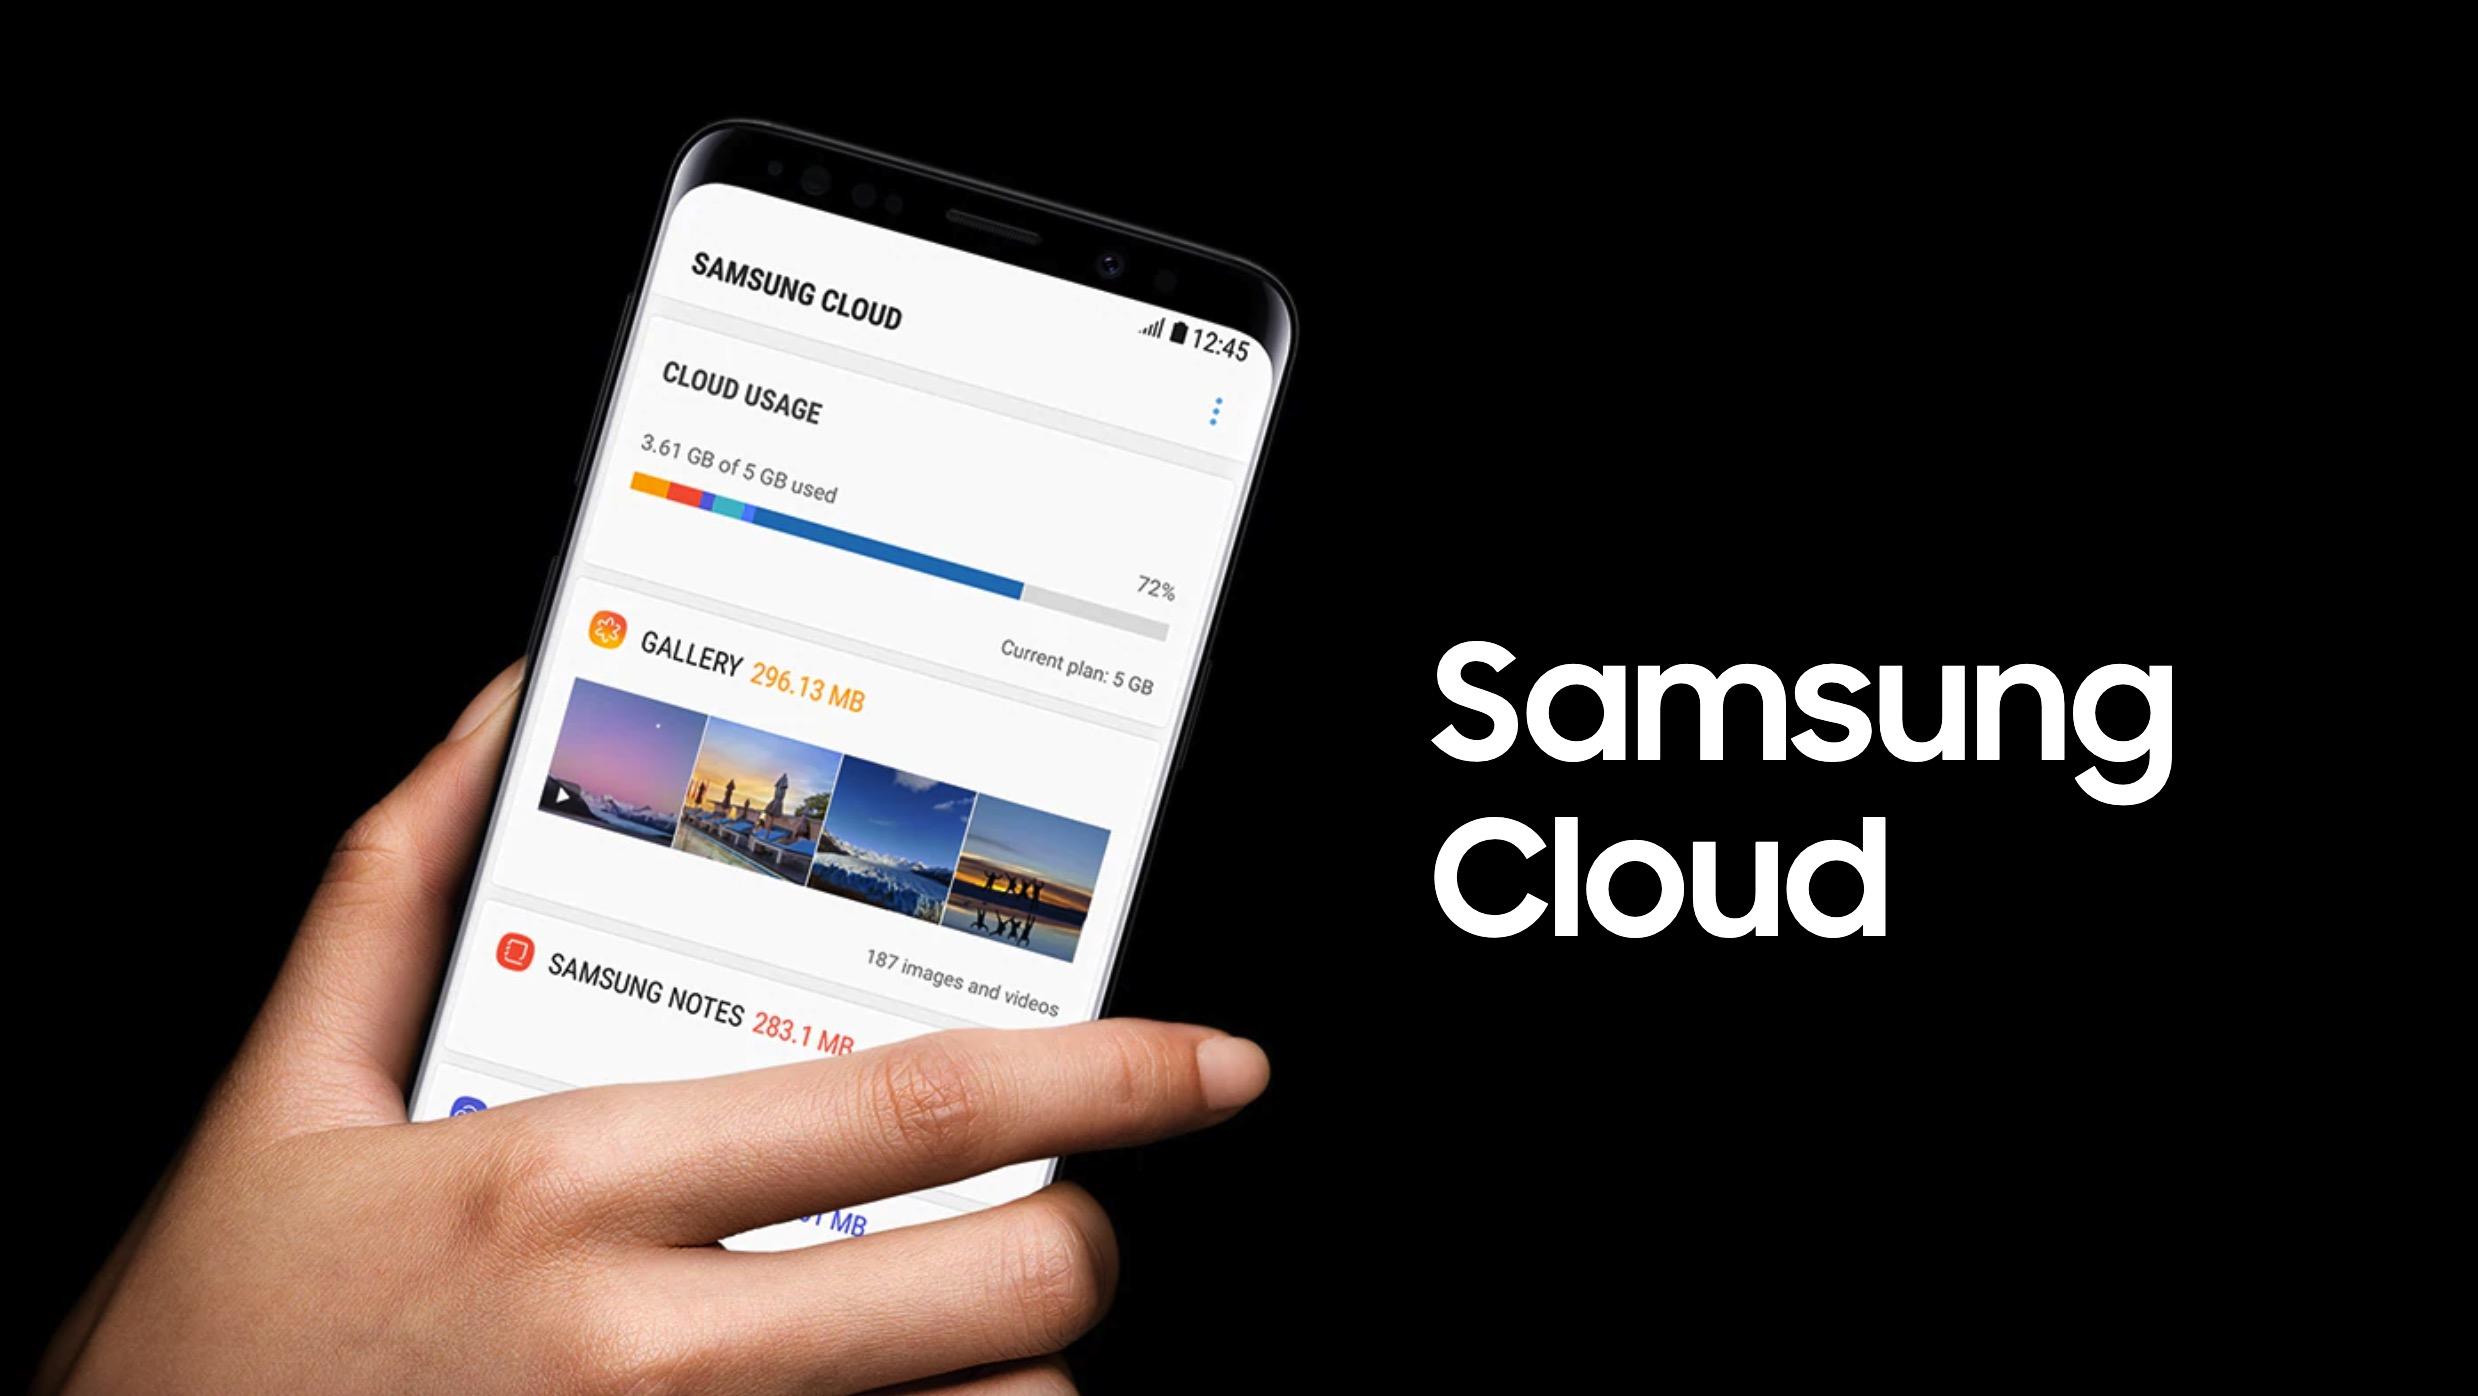 Le stockage gratuit de Samsung Cloud passe de 15 à 5 Go